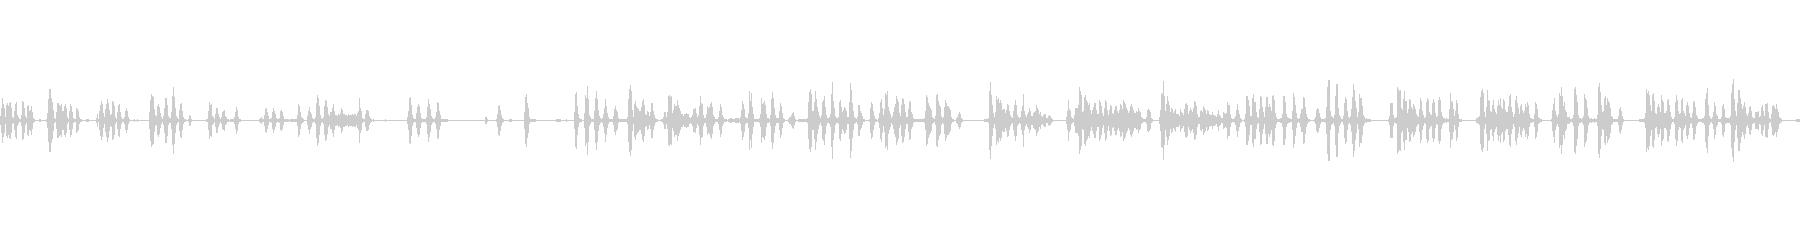 犬の樹皮小部屋複数の未再生の波形